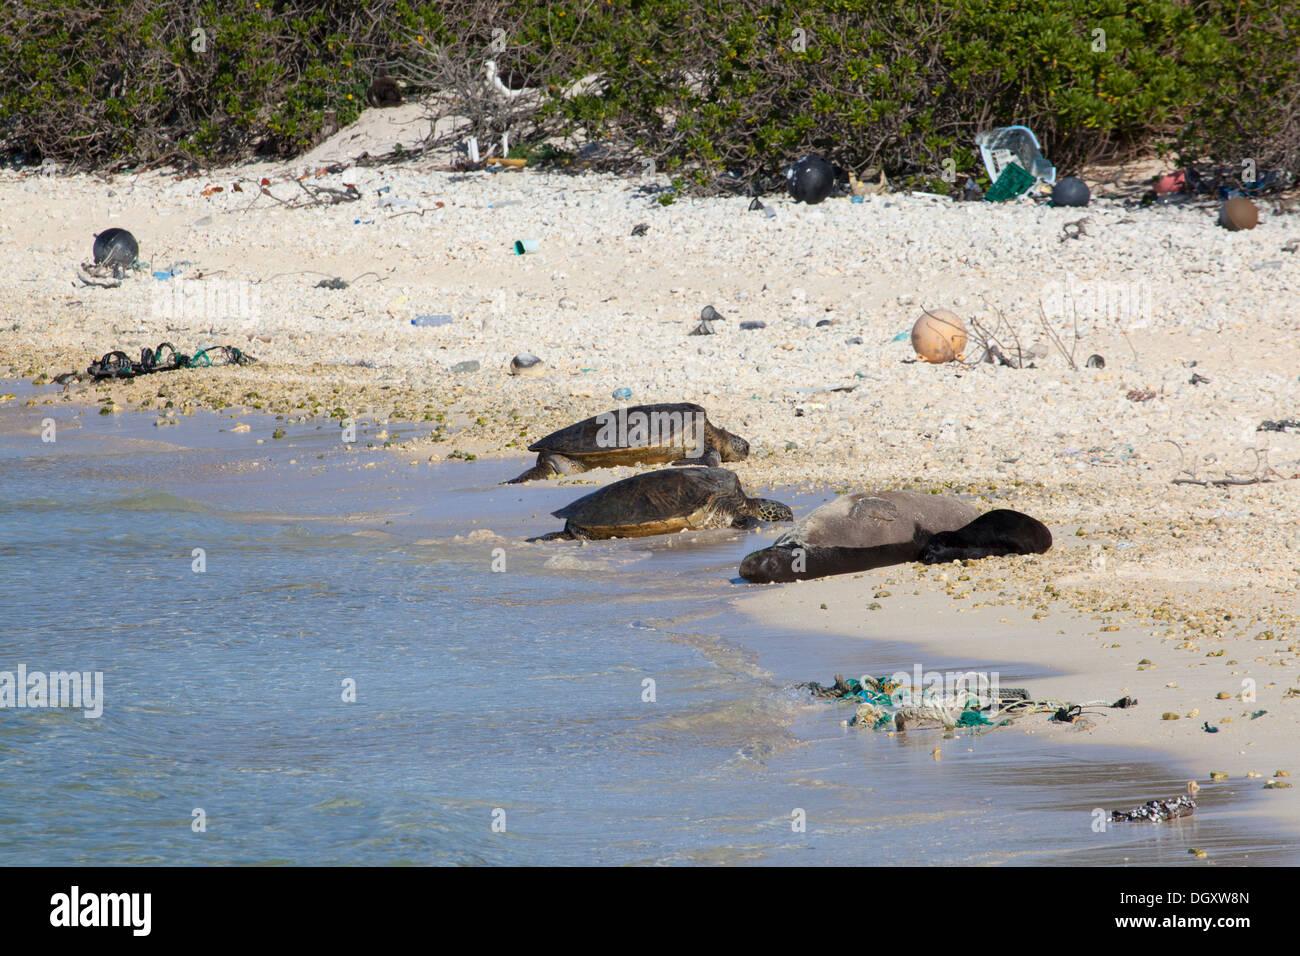 La foca monje hawaiana (Neomonachus schauinslandi) de la madre, el bebé y las Tortugas Marinas (Chelonia mydas) tome el sol en la playa de la isla del Pacífico Norte con desechos marinos Foto de stock